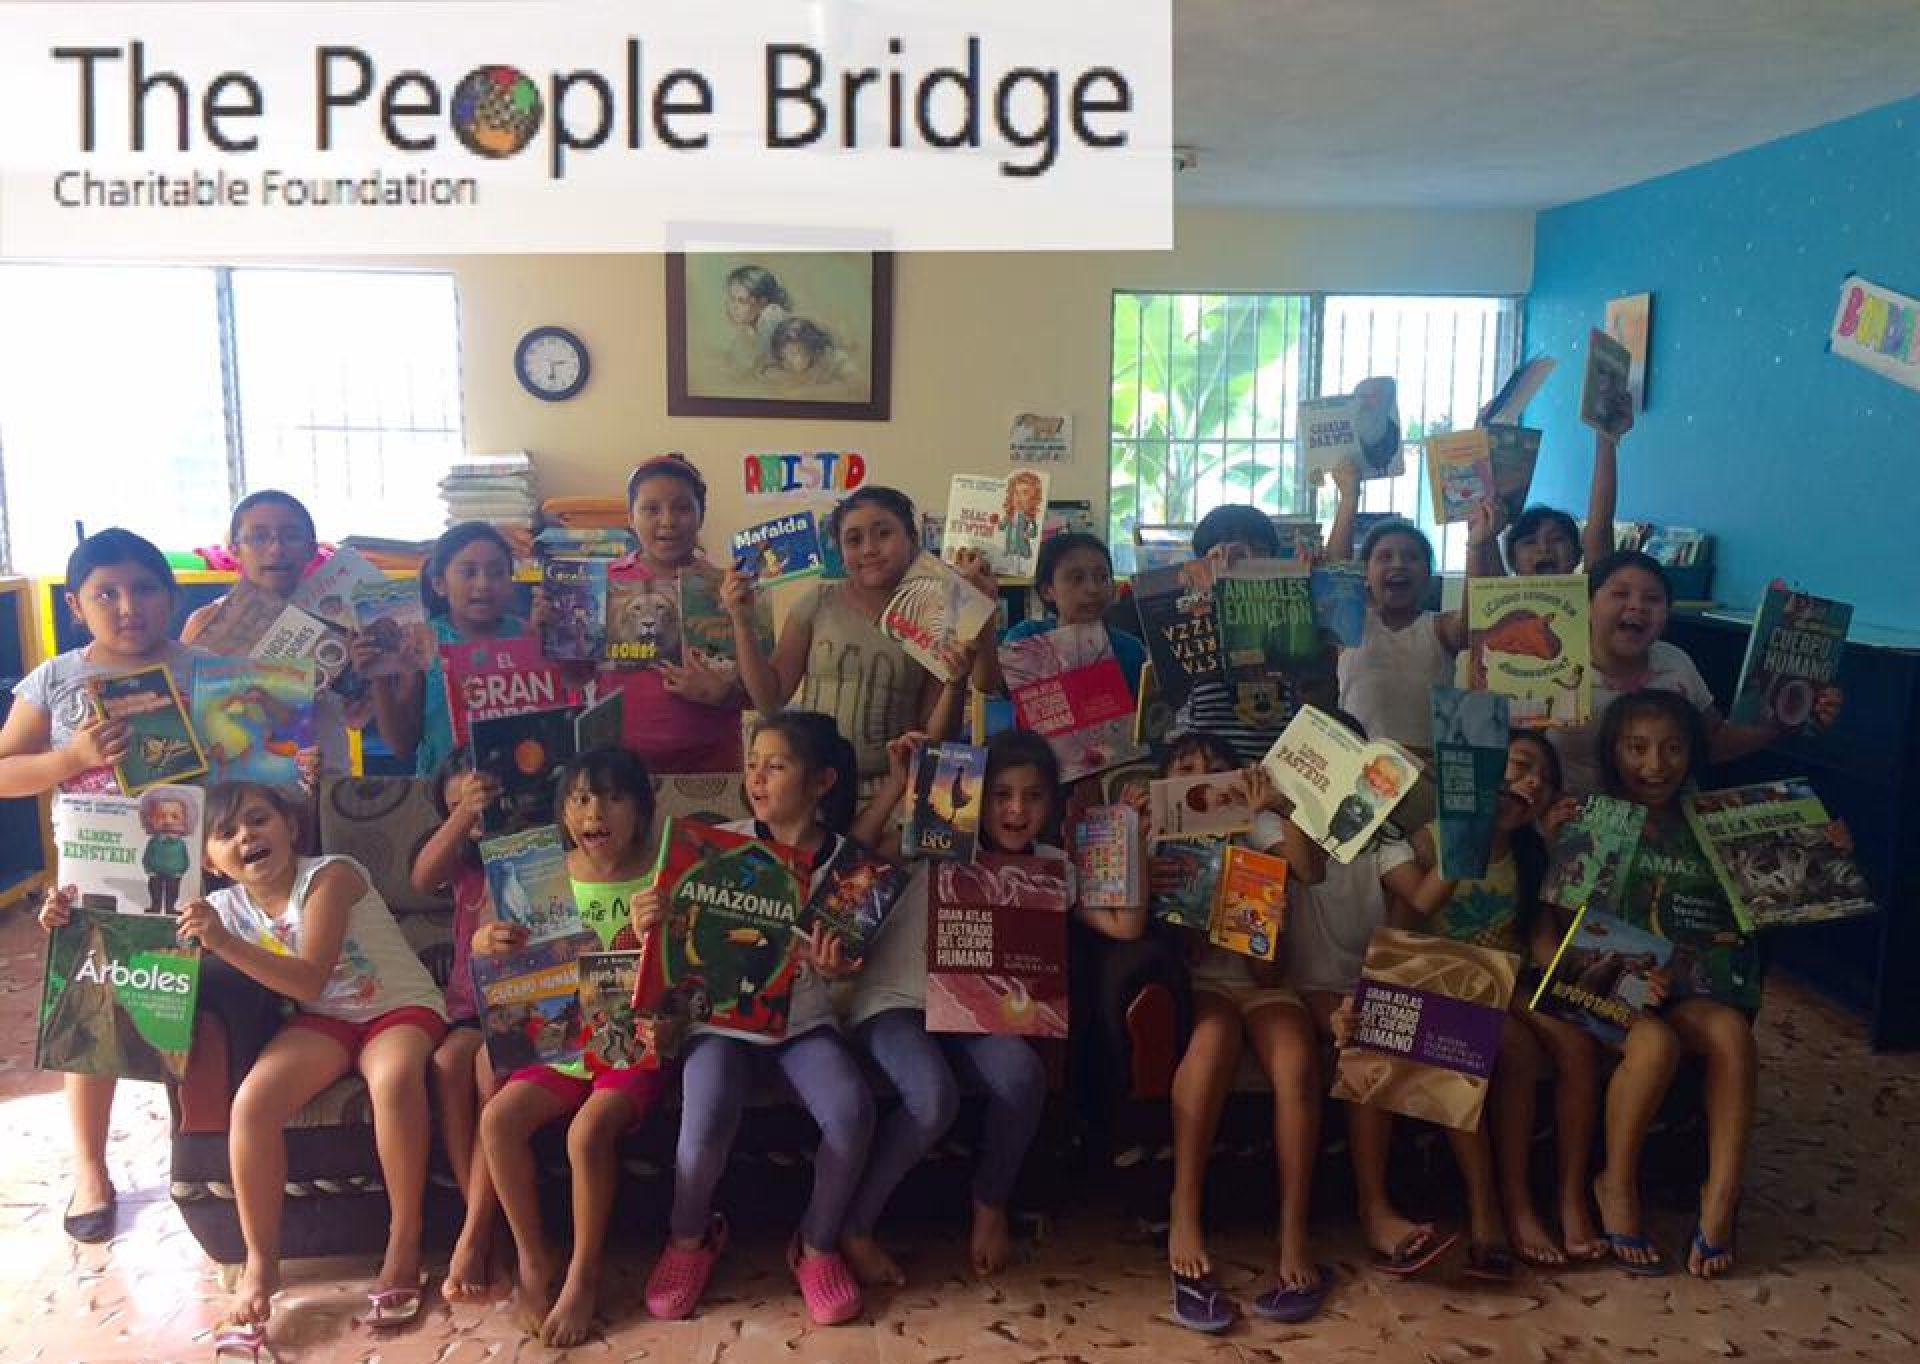 The People Bridge